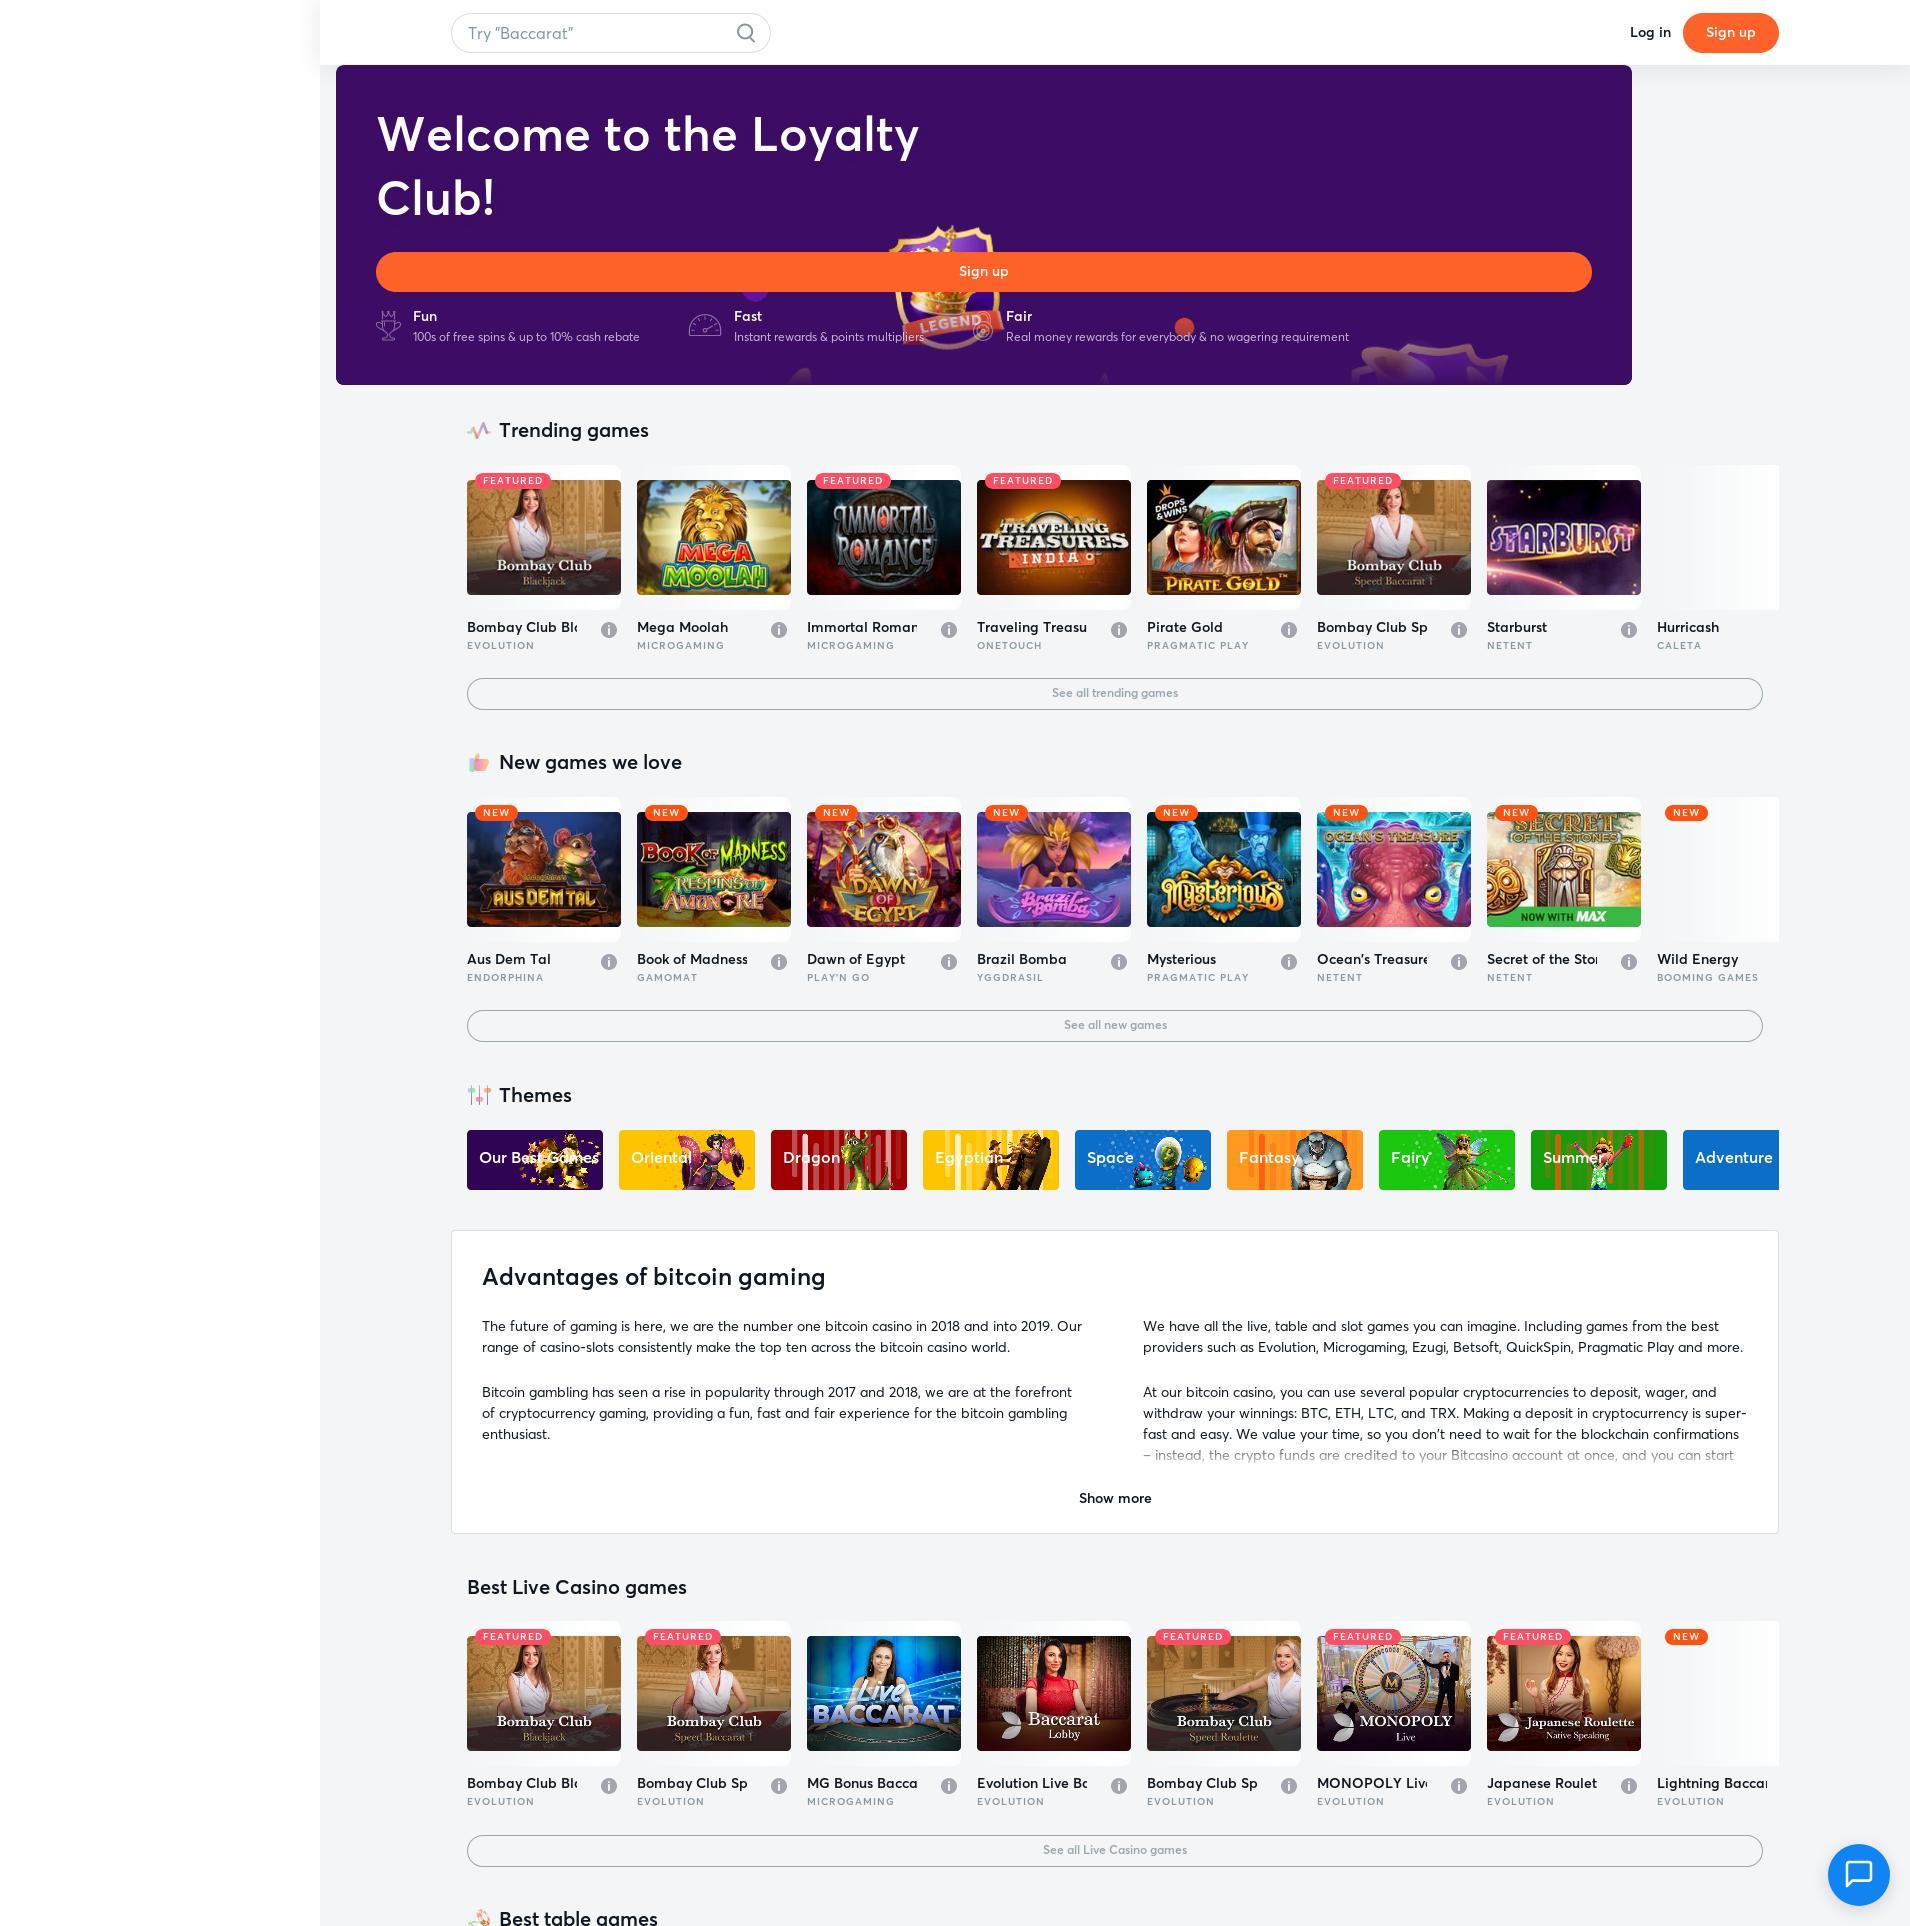 Casino ekranı Lobby 2020-02-27 için Türkiye